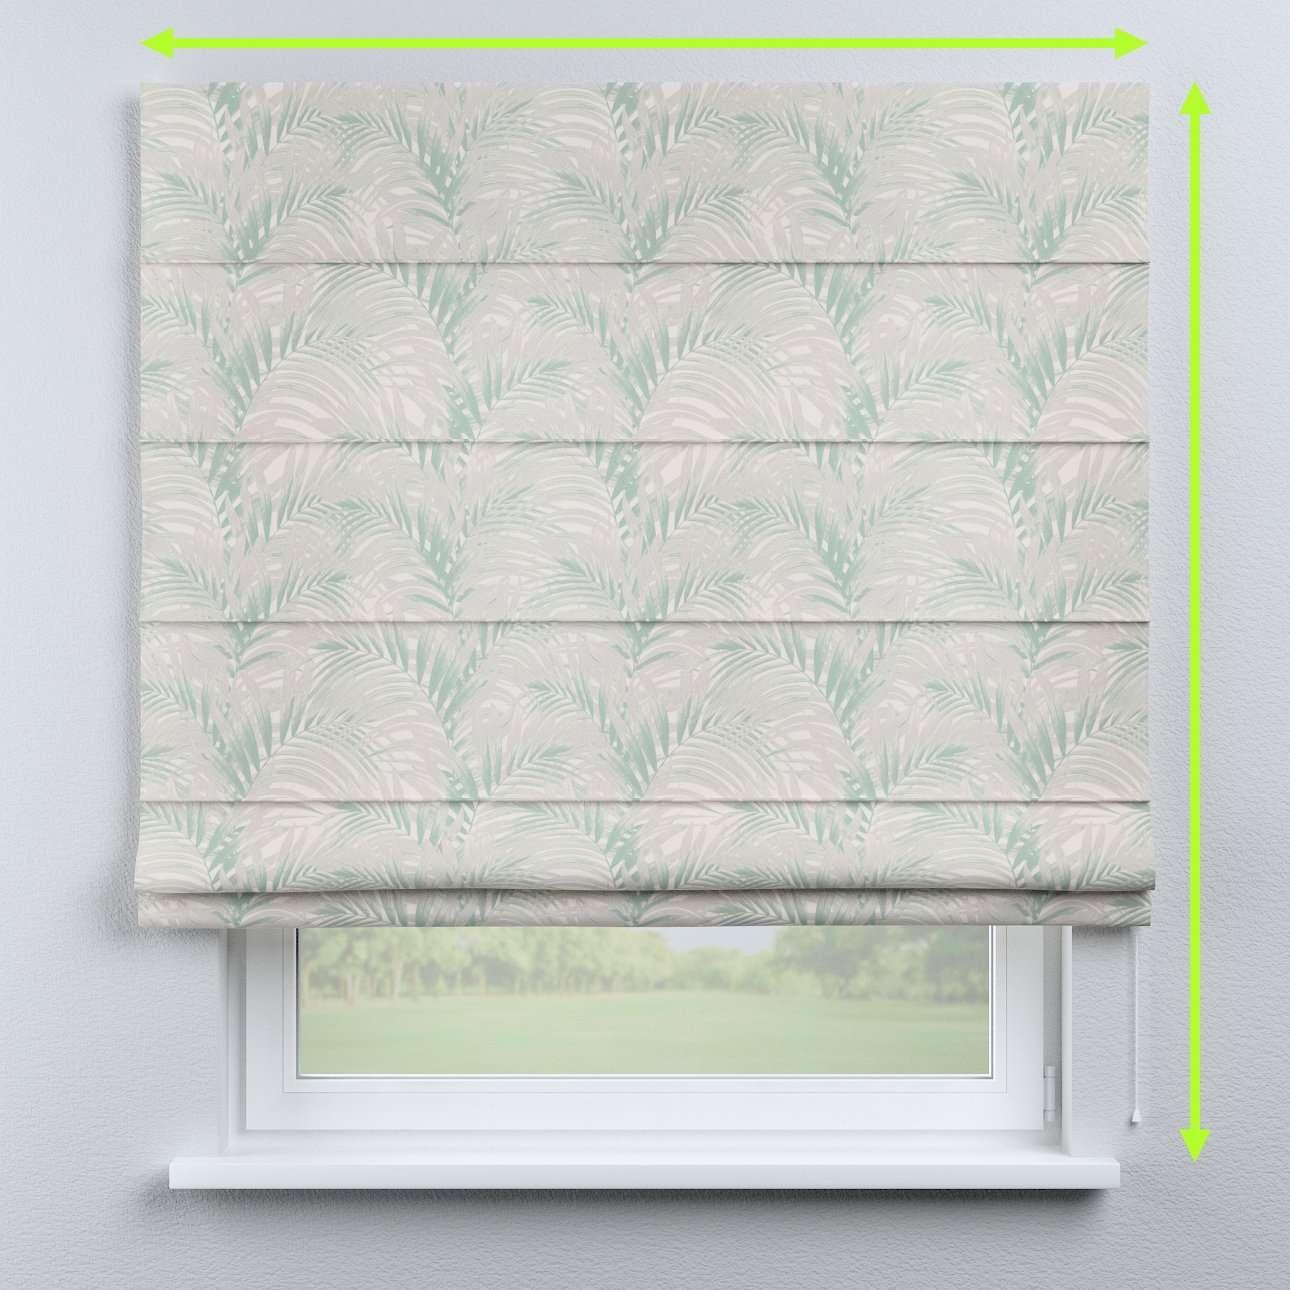 Rímska roleta s bielou krajkou V kolekcii Gardenia, tkanina: 142-15